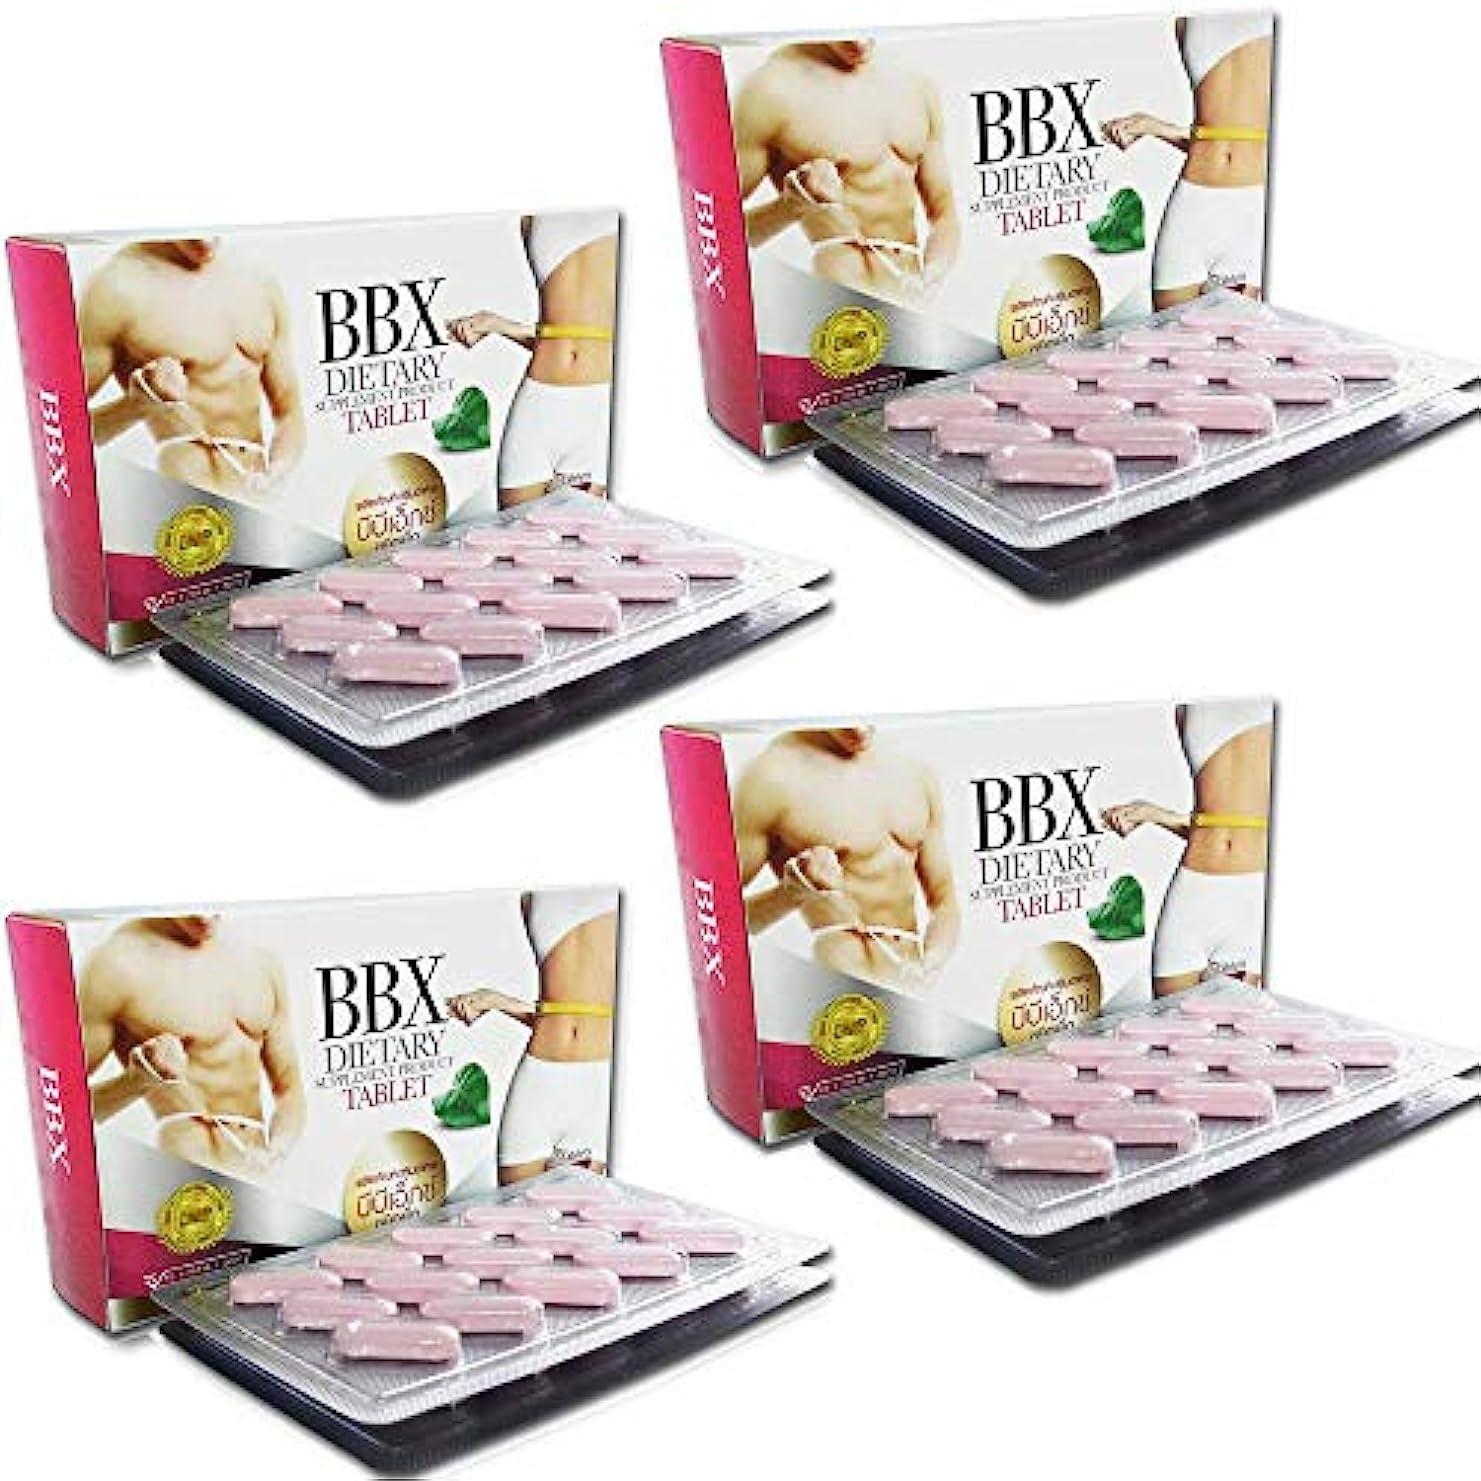 変色するたっぷりメンダシティクリニックや医師が推奨するダイエットサプリBBX 公式パンフレット&説明書付き 4箱合計120錠